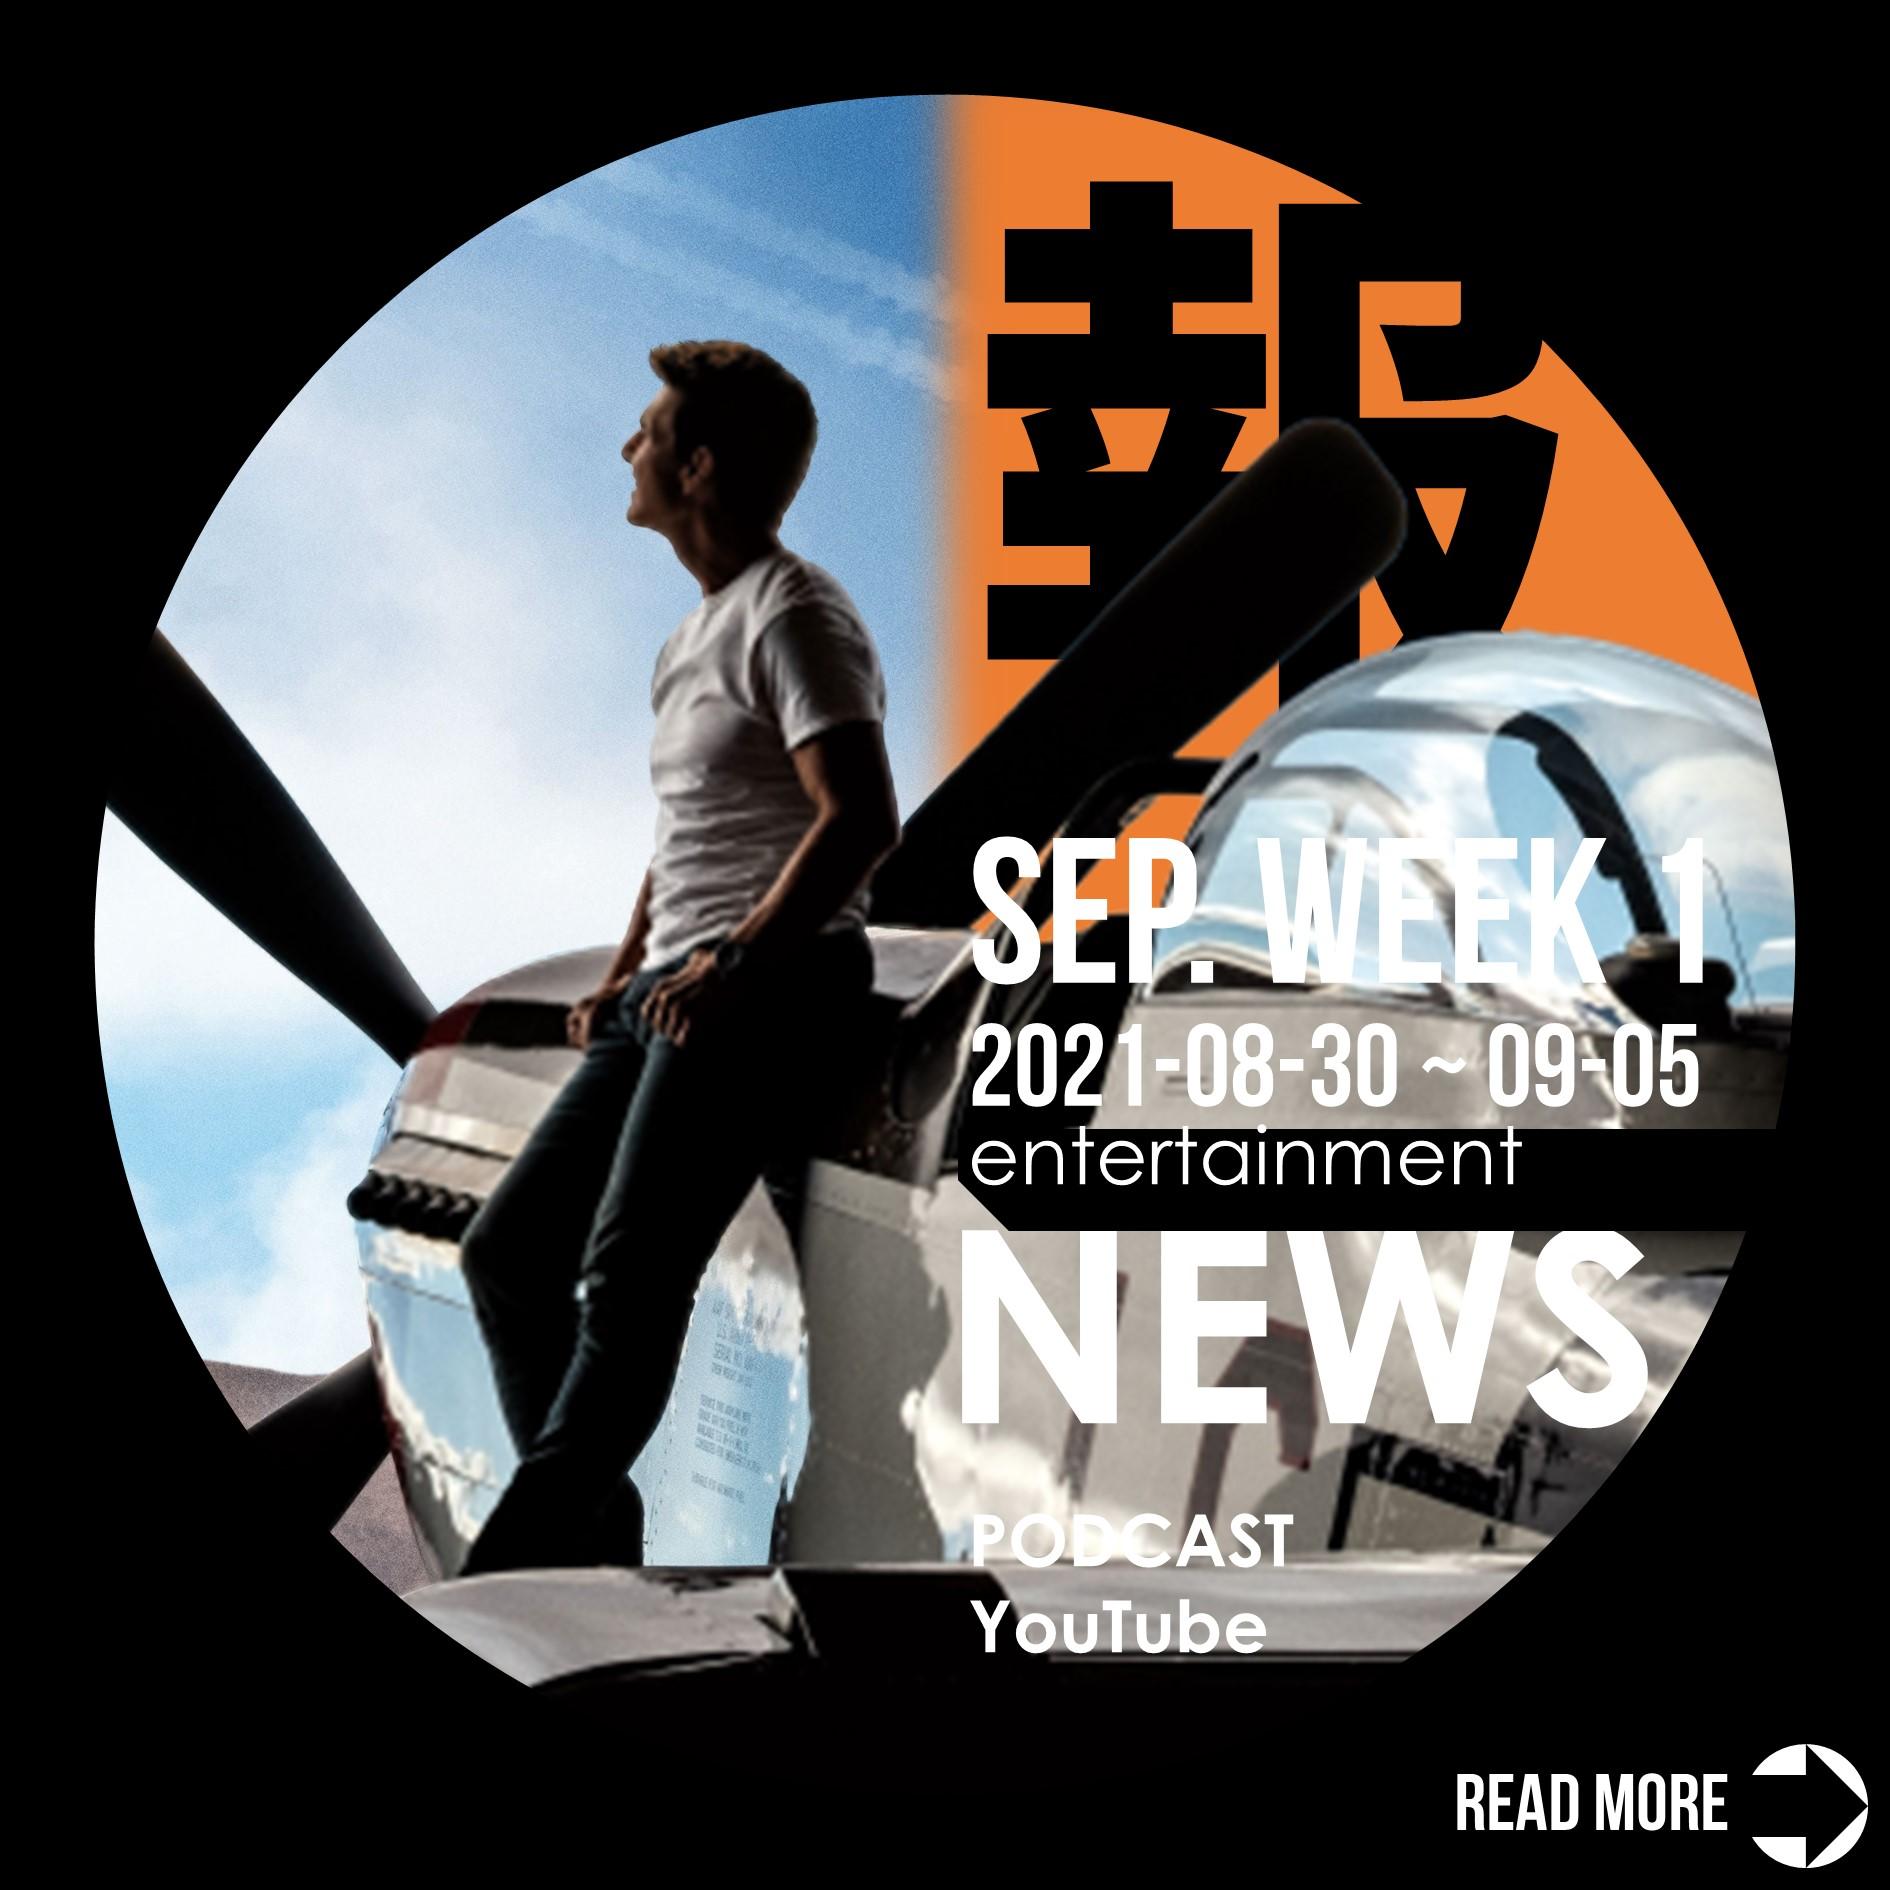 【梗你報新聞】何時迎來曙光的一週?   派蒂珍金斯怒嗆串流平台拍「假電影」   《不可能的任務7》疫情損失讓派拉蒙槓上保險公司   2021-SEP. WK 1   XXY + JERICHO